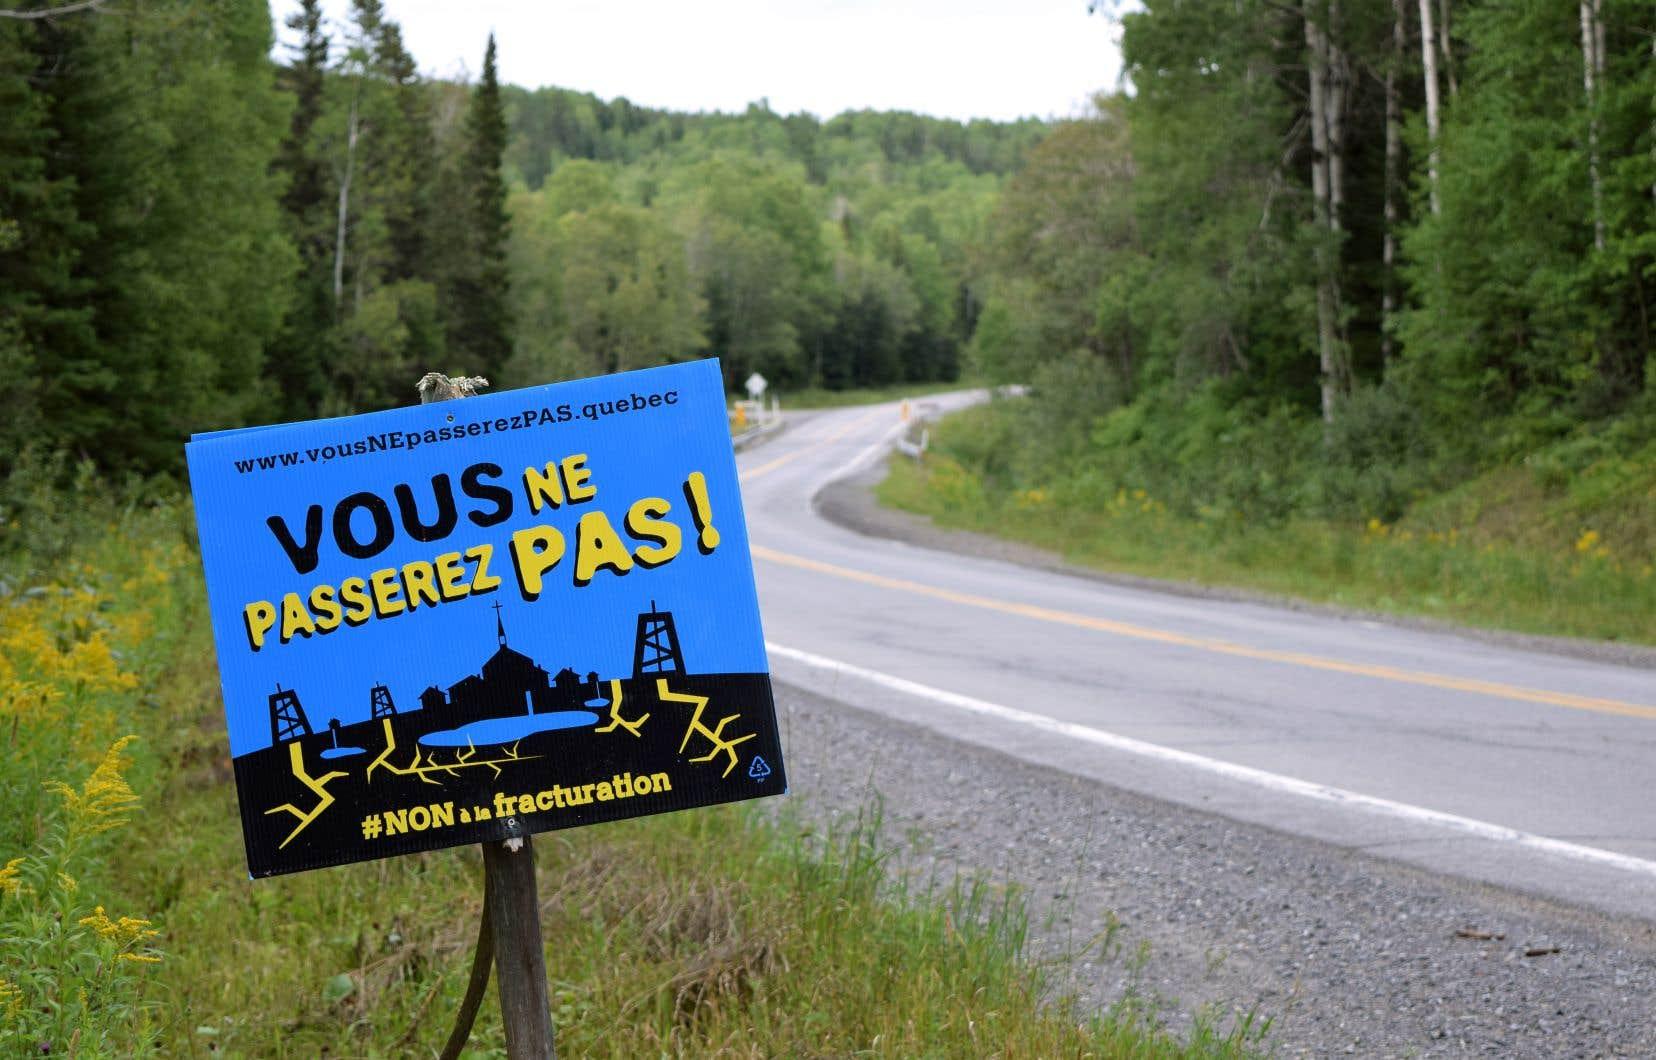 Les opposants considèrent que l'exploitation d'énergies fossiles va à l'encontre des objectifs de lutte contre les changements climatiques du Québec.